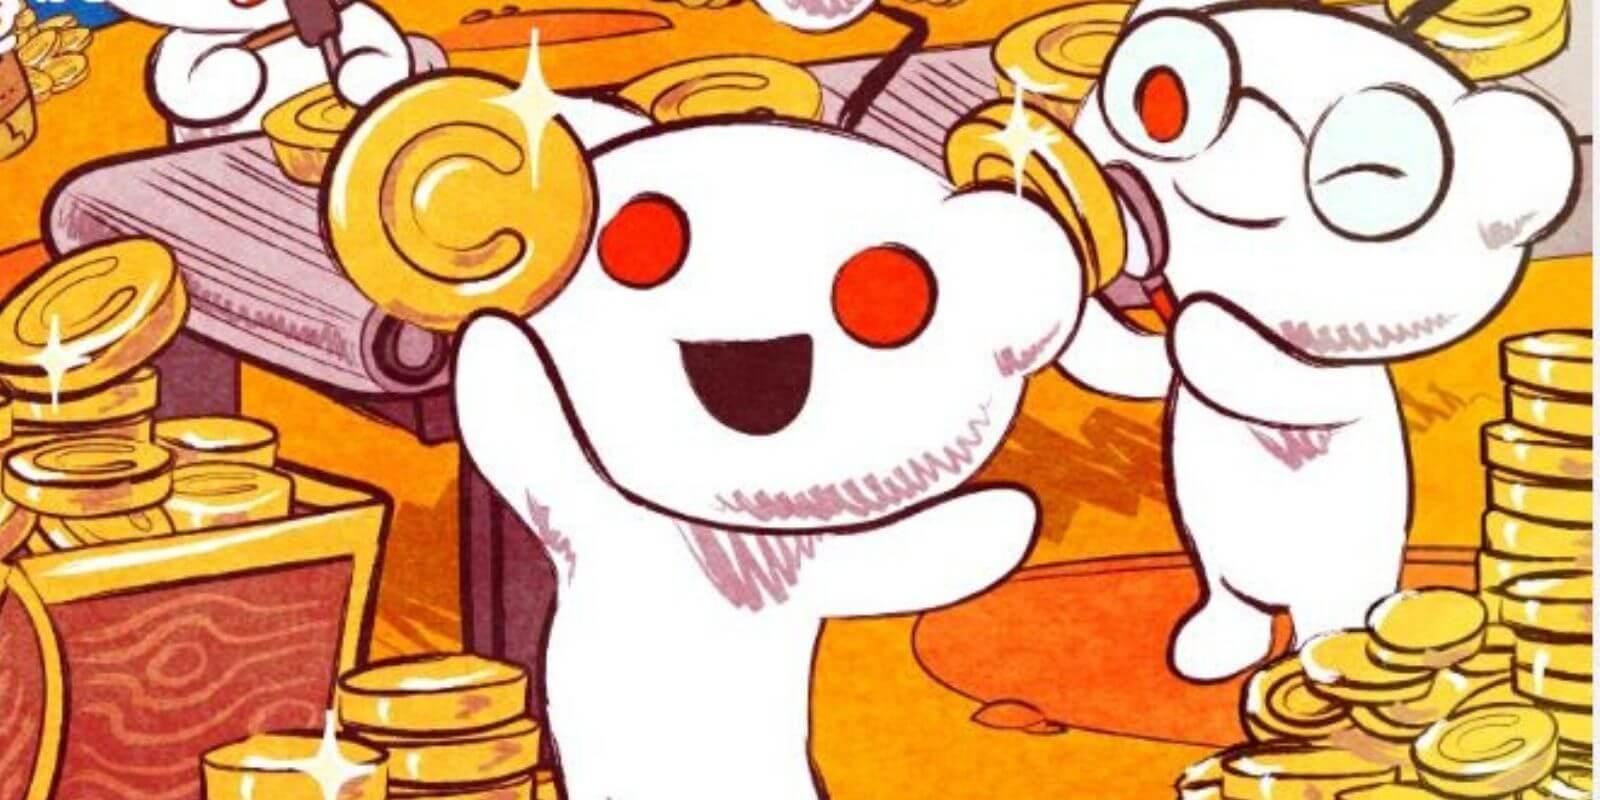 Reddit serait en train de tester un système de récompenses basé sur la blockchain